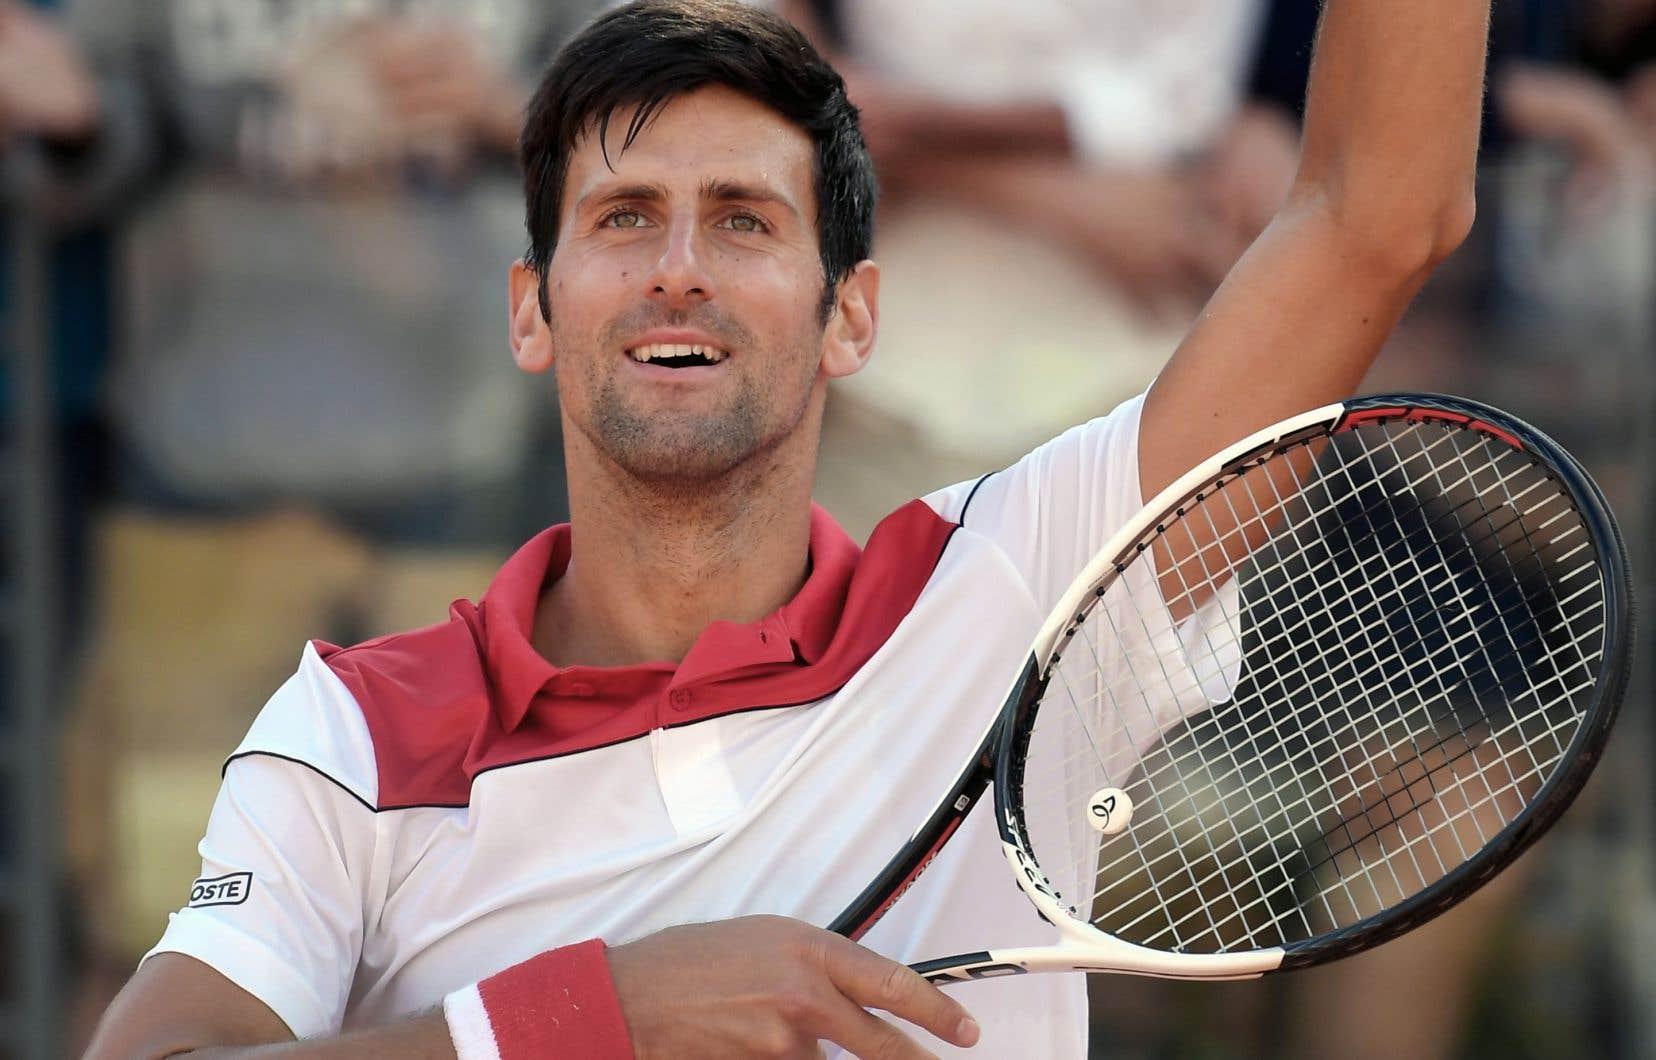 Dans le classement publié lundi, Djokovic a glissé au 18e rang, son plus bas classement depuis 2006.